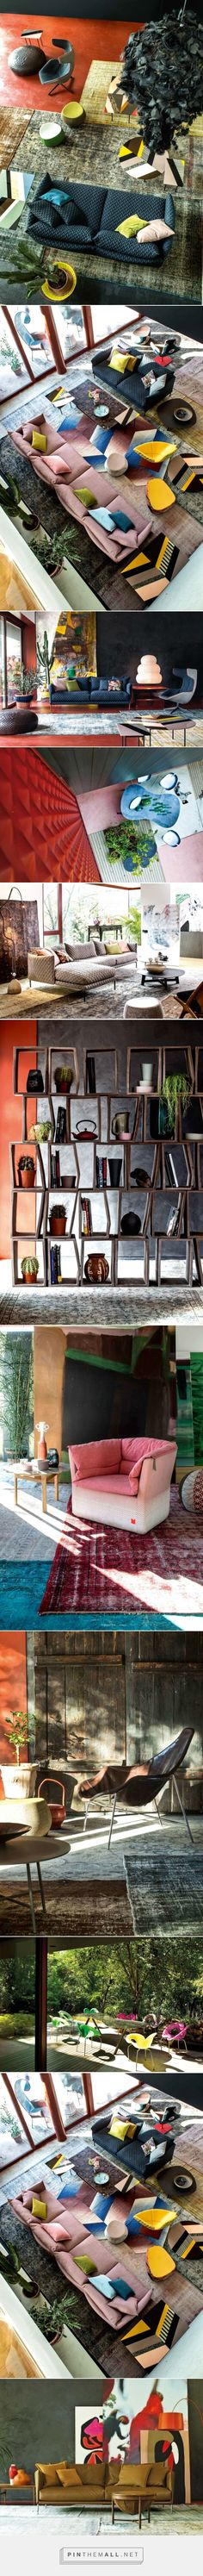 Patrizia Moroso House | Trendland - created via http://pinthemall.net